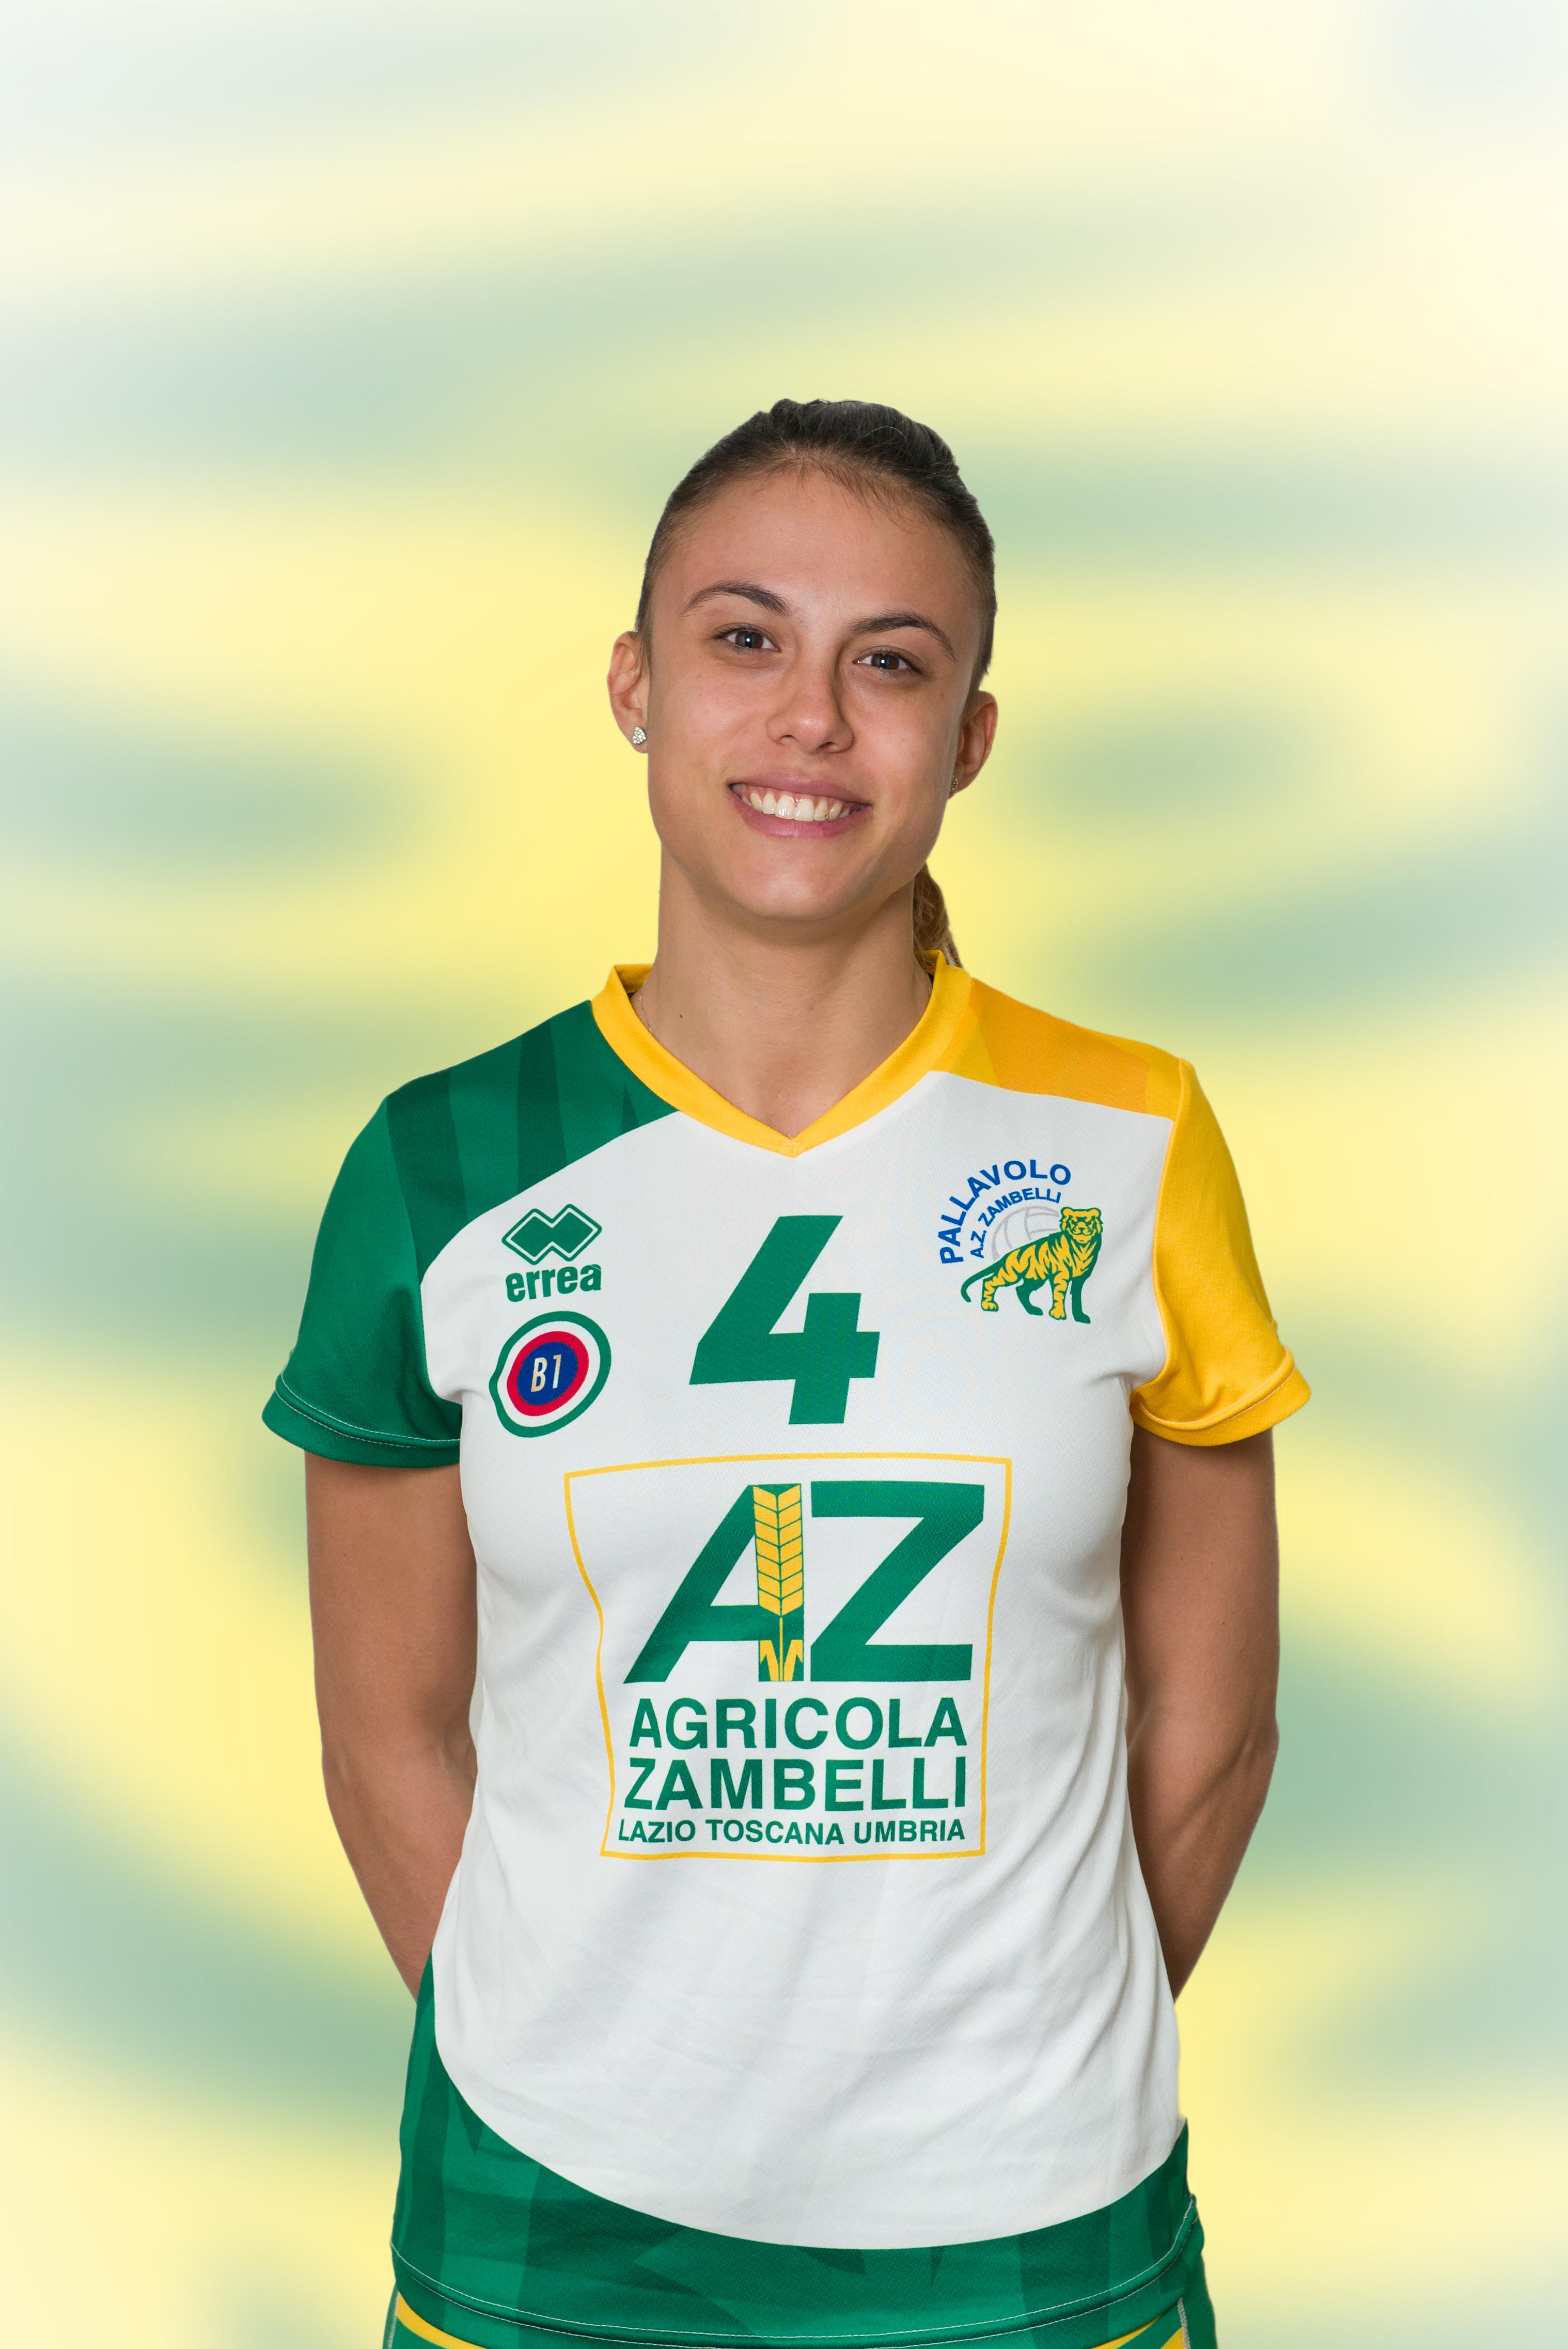 [04] Martina SABBATINI | Opposto | 1990 | AZ Zambelli ORVIETO • Campionato Pallavolo Femminile Serie B1 2015/16